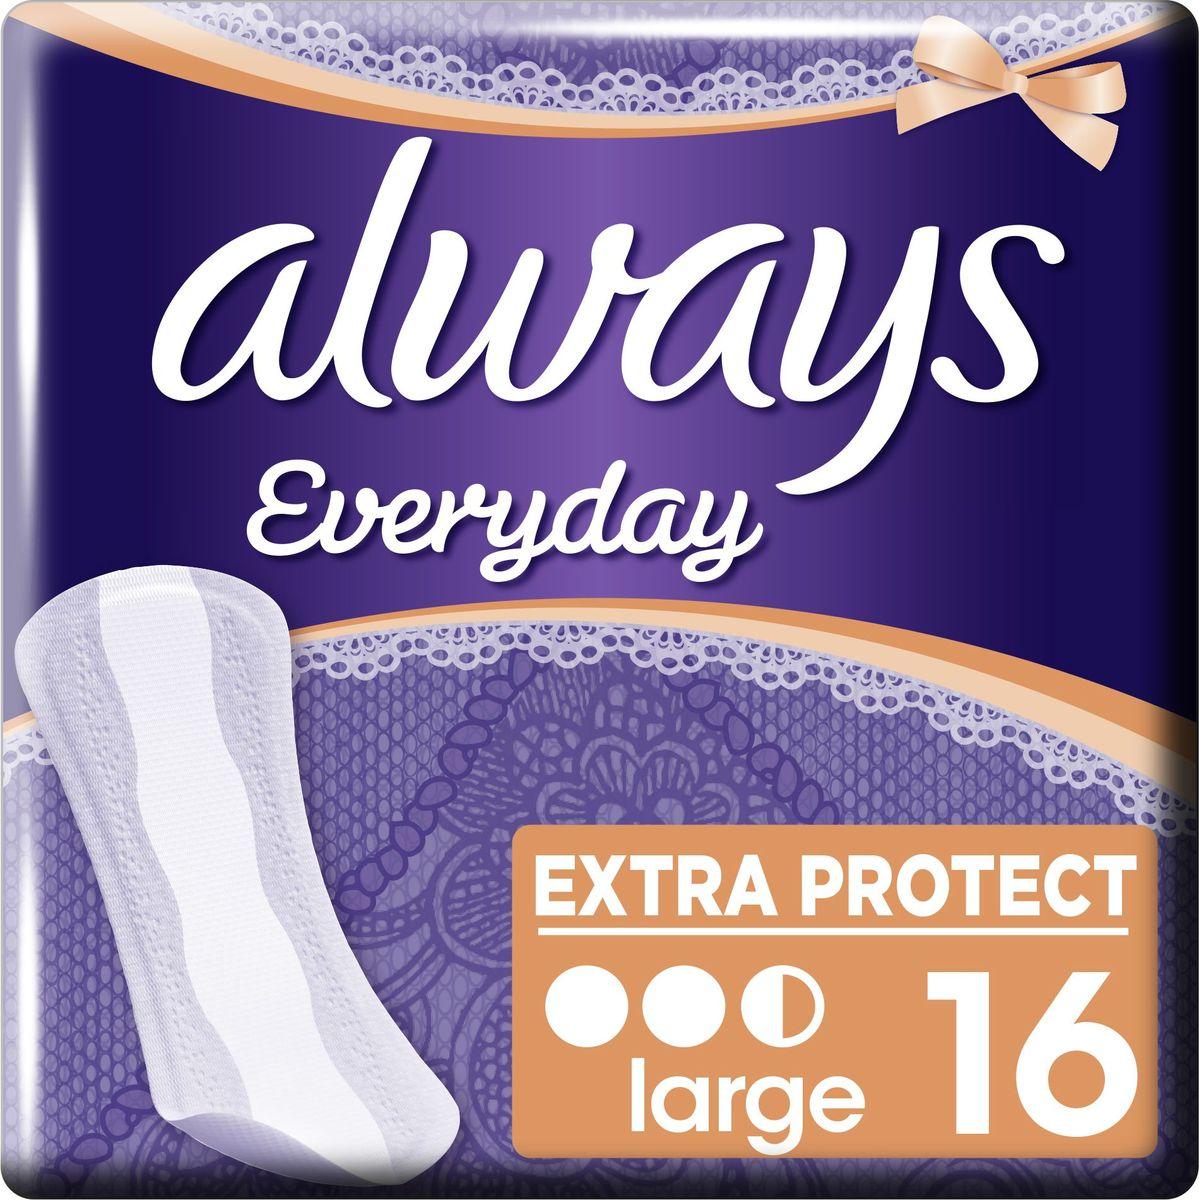 Always Ежедневные гигиенические прокладки на каждый день Удлиненные Single 16 штAL-83736537Ежедневные прокладки Always Dailies Extra Protect Большие помогут сохранить непревзойденную свежесть на протяжении всего дня. Ежедневные прокладки Always Dailies Extra Protect Большие с технологией нейтрализации запаха и впитывающей зоной имеют большую площадь и обеспечивают стойкую свежесть. Идеально подходят при выделениях и в качестве дополнительной защиты при нерегулярной менструации. • До 100% защиты от неприятного запаха• Технология нейтрализации запаха обеспечивает чувство свежести и уверенности в течение всего дня• Боковые защитные зоны ежедневных прокладок обеспечивают усиленную защиту от протеканий• Мягкий верхний слой 2-в-1 обеспечивает дополнительное впитывание, комфорт и мягкость• Тонкие прокладки — надежная защита• Нежный контакт с кожей, протестировано дерматологами• Большая площадь покрытия, чем у прокладок Fresh & Protect Normal